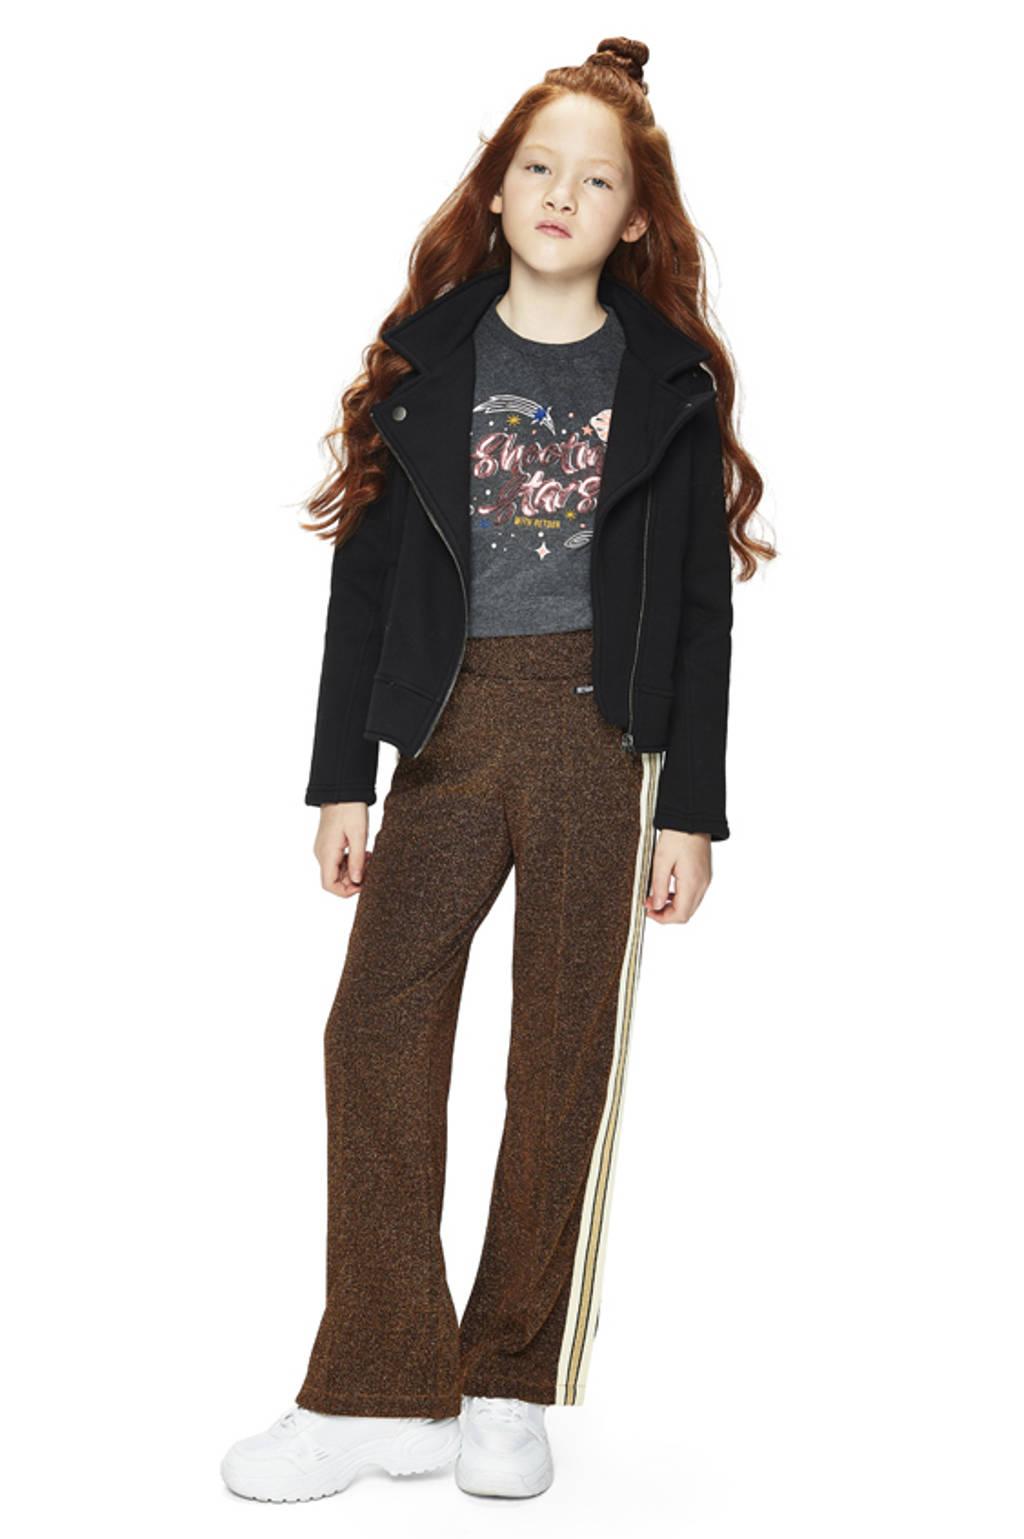 Retour Denim loose fit broek Arabelle met zijstreep lichtbruin/bruin, Lichtbruin/bruin